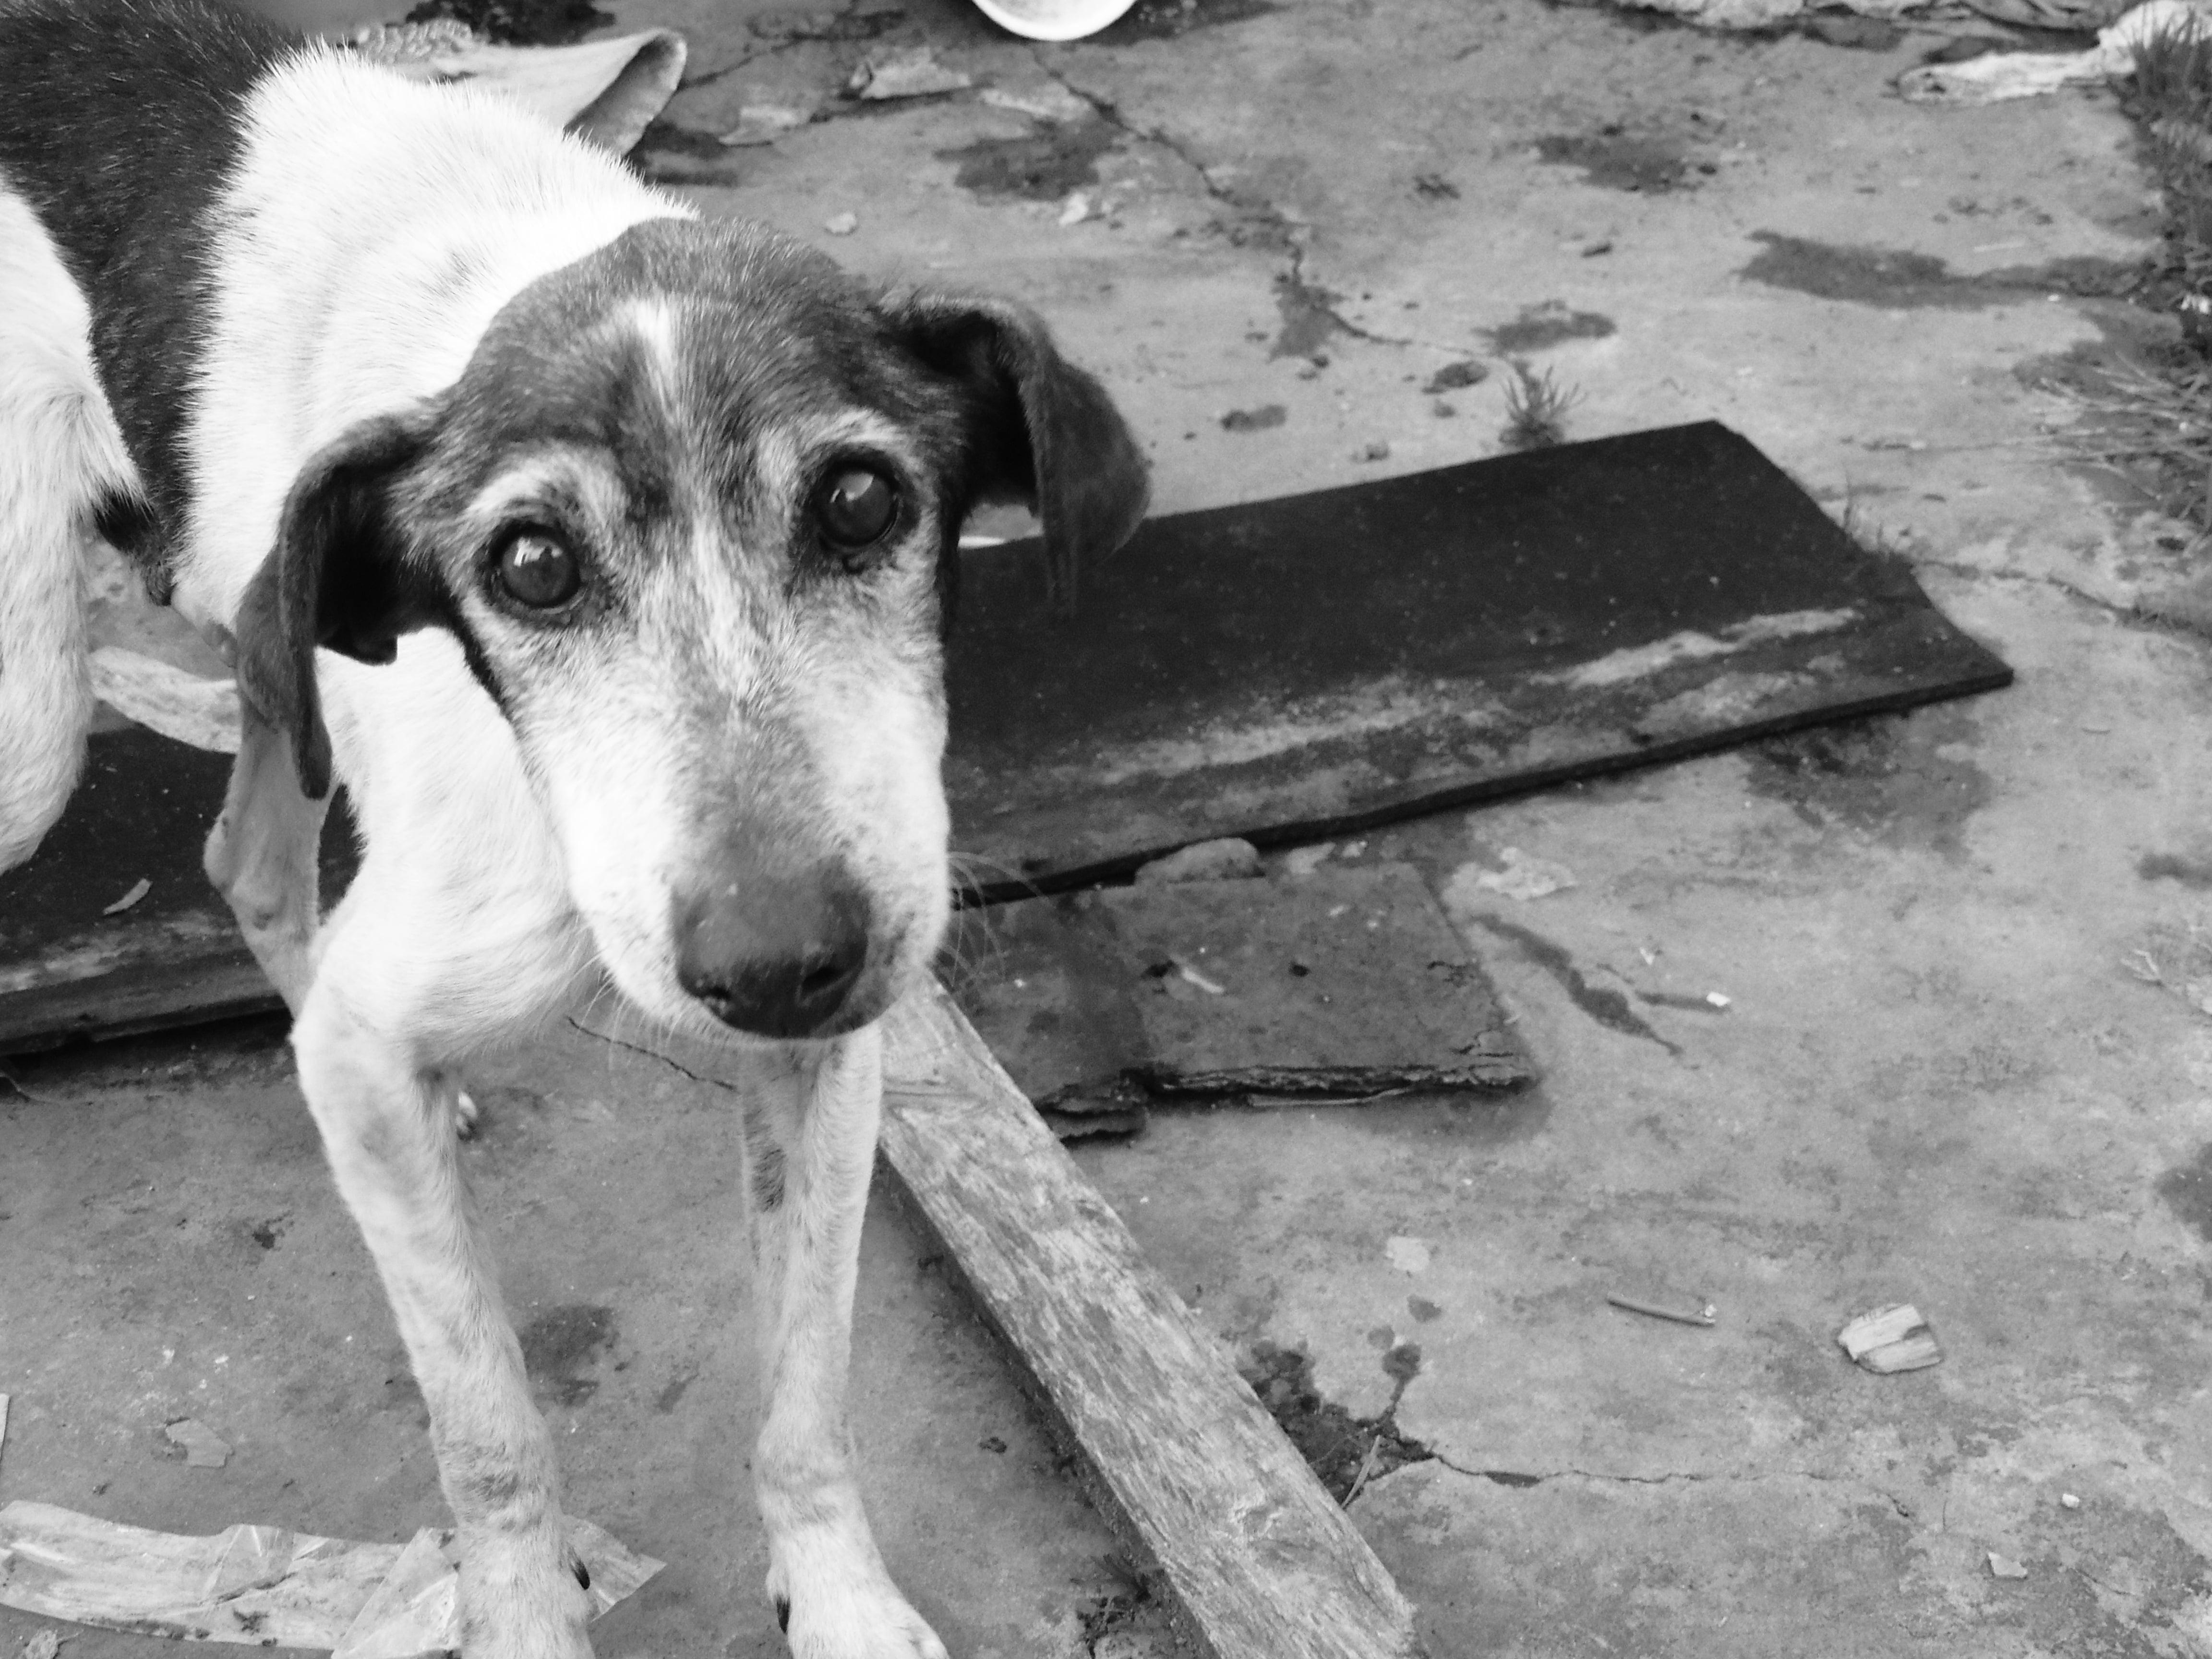 L'ENPA smentisce le numerose fake sull'abbandono dei cani ai tempi del coronavirus e lancia la campagna: #restoincasaconte